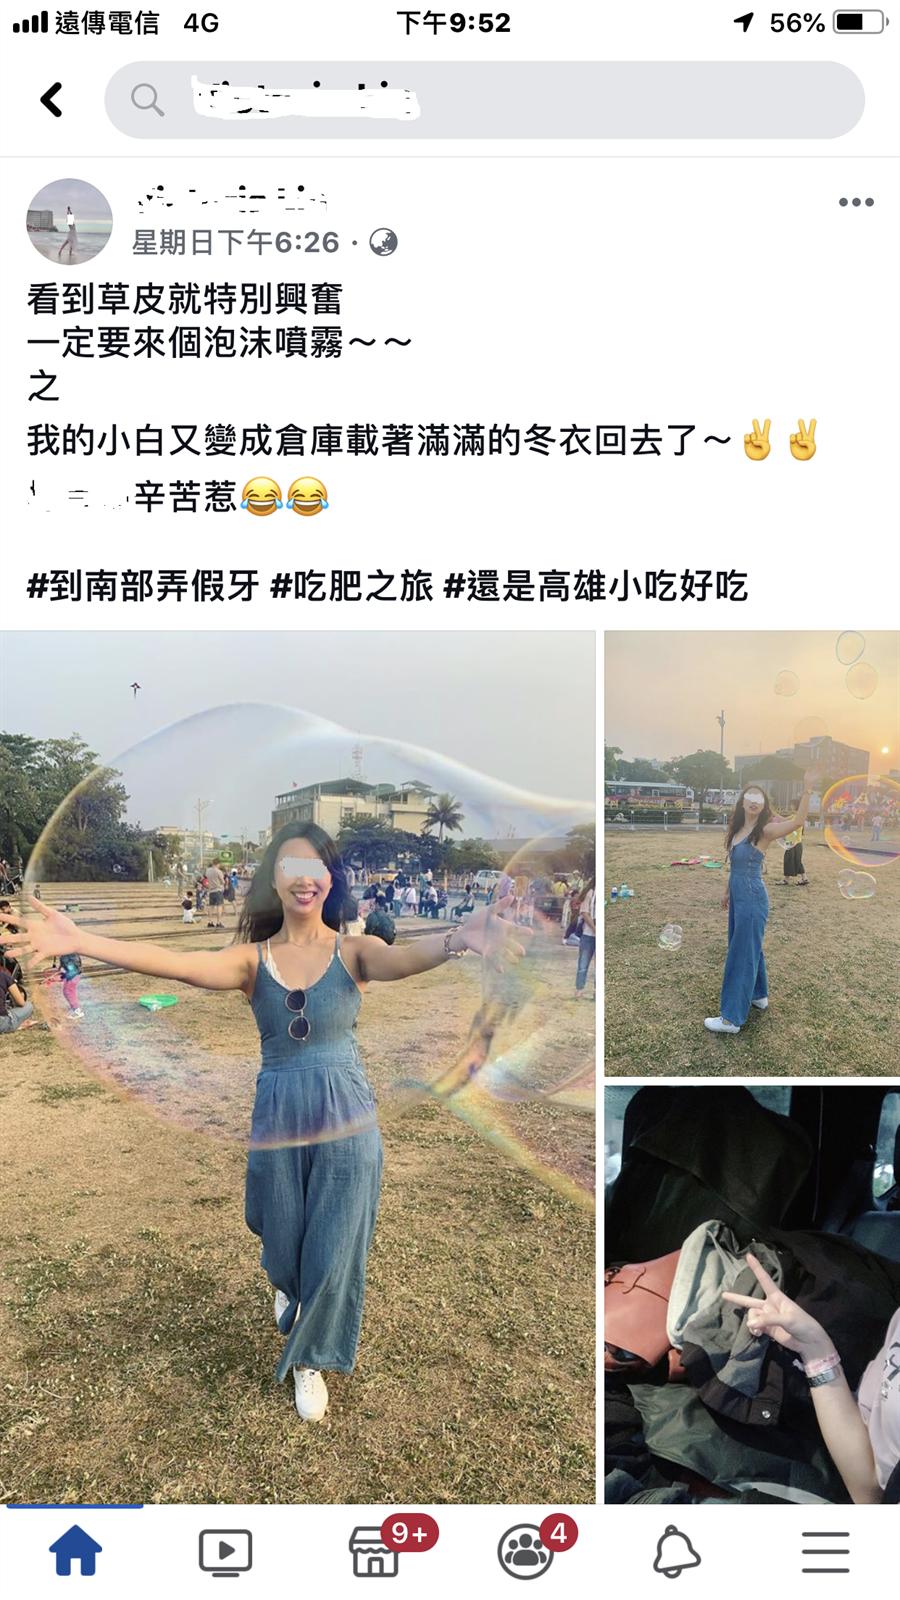 林佳璇與謝姓男少校遭到單位調離後,還藕斷絲連一起到高雄旅遊,甚至高調在社群上打卡,讓正宮氣到抓狂。(讀者提供)